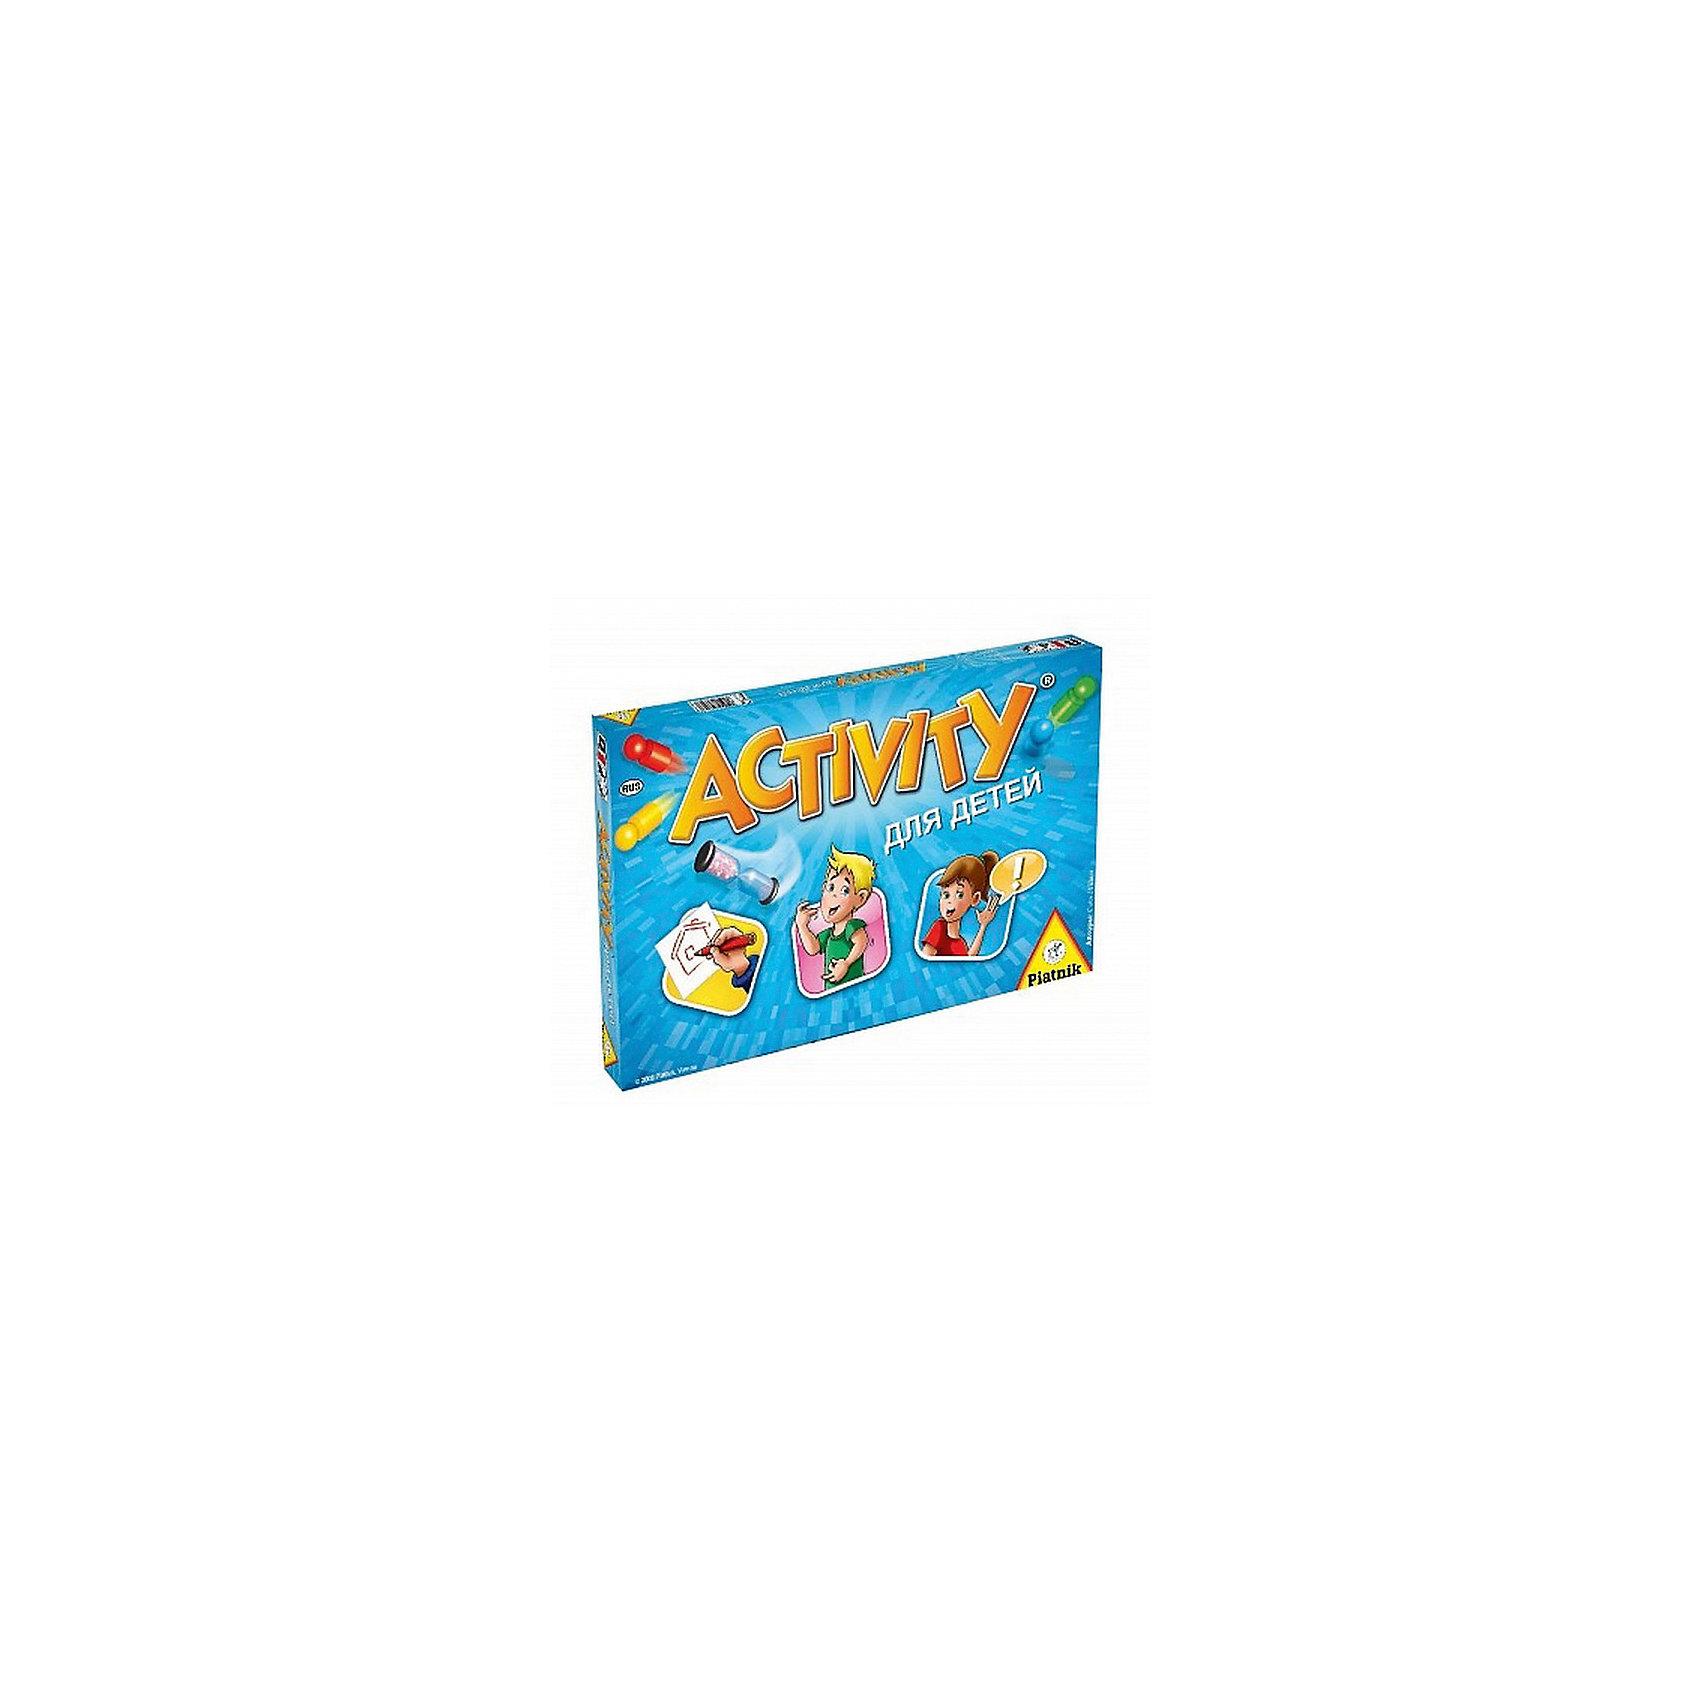 Игра Активити для детей, PiatnikИгры в дорогу<br>Игра Активити для детей, Piatnik – настольная игра для веселой вечеринки.<br>При помощи жестов, мимики, рисования или слов игроки объясняют своим командам или друг другу слова и словосочетания. Шумная, активная и веселая игра помогает развлечь даже очень большую компанию. Тяните карточку, выбирайте действие и начинайте объяснять. В набор входят 220 карточек, 4 фишки и песочные часы. <br><br>Дополнительная информация:<br><br>- возраст: от 8 лет<br>- количество игроков: от 2 <br><br>Игру Активити для детей, Piatnik можно купить в нашем интернет-магазине.<br><br>Ширина мм: 220<br>Глубина мм: 345<br>Высота мм: 45<br>Вес г: 870<br>Возраст от месяцев: 96<br>Возраст до месяцев: 2147483647<br>Пол: Унисекс<br>Возраст: Детский<br>SKU: 5055313